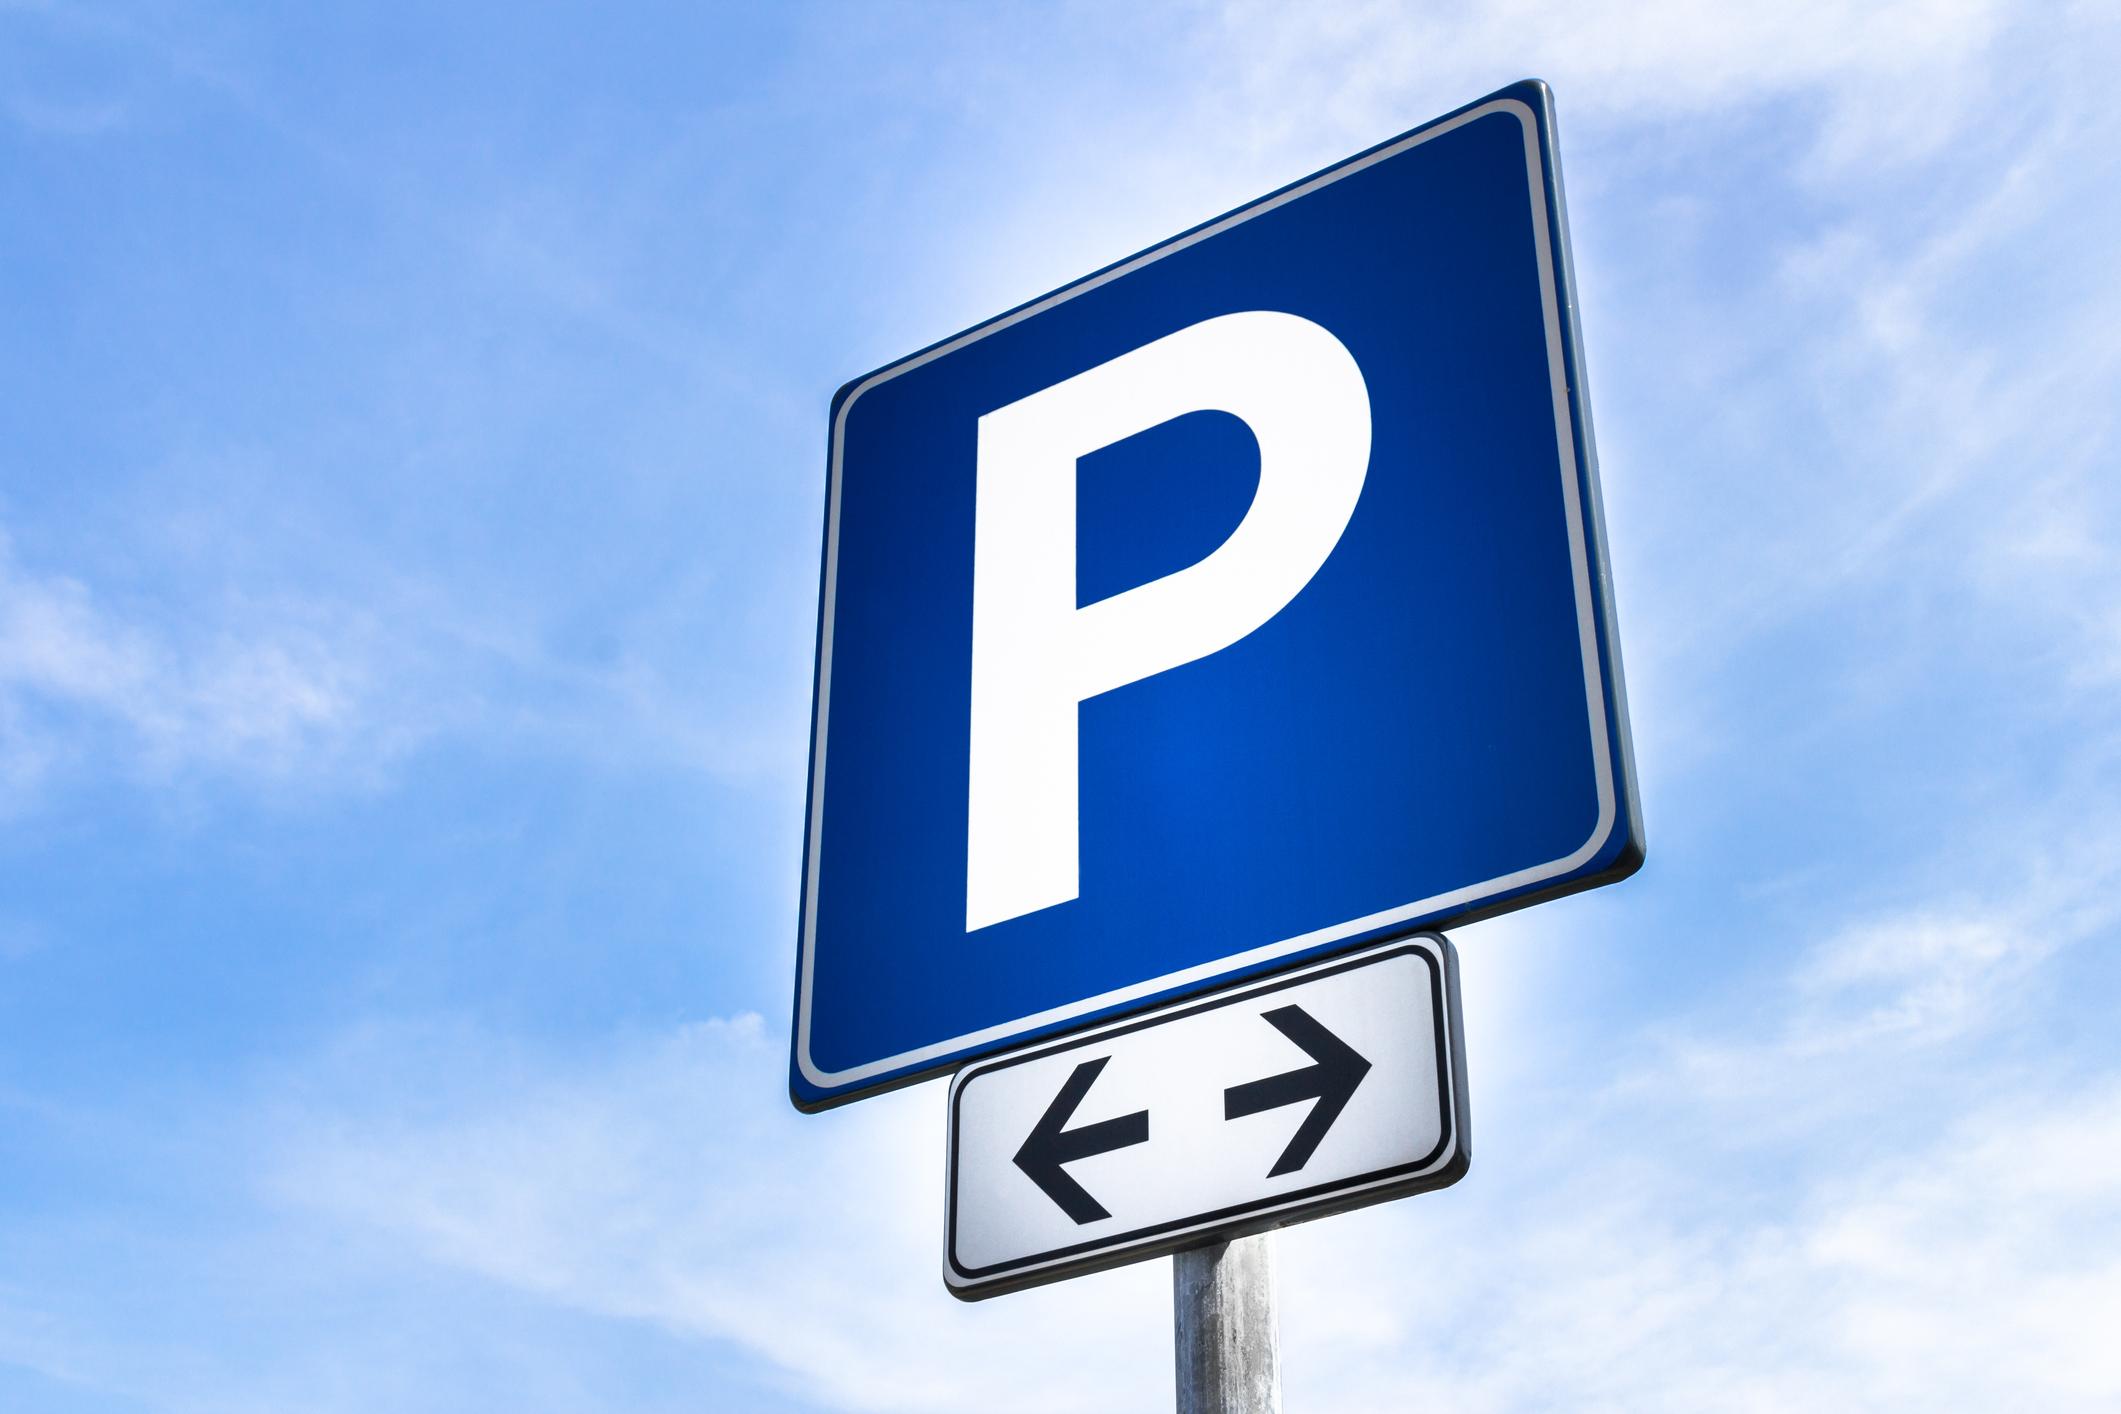 parking-signaljpg